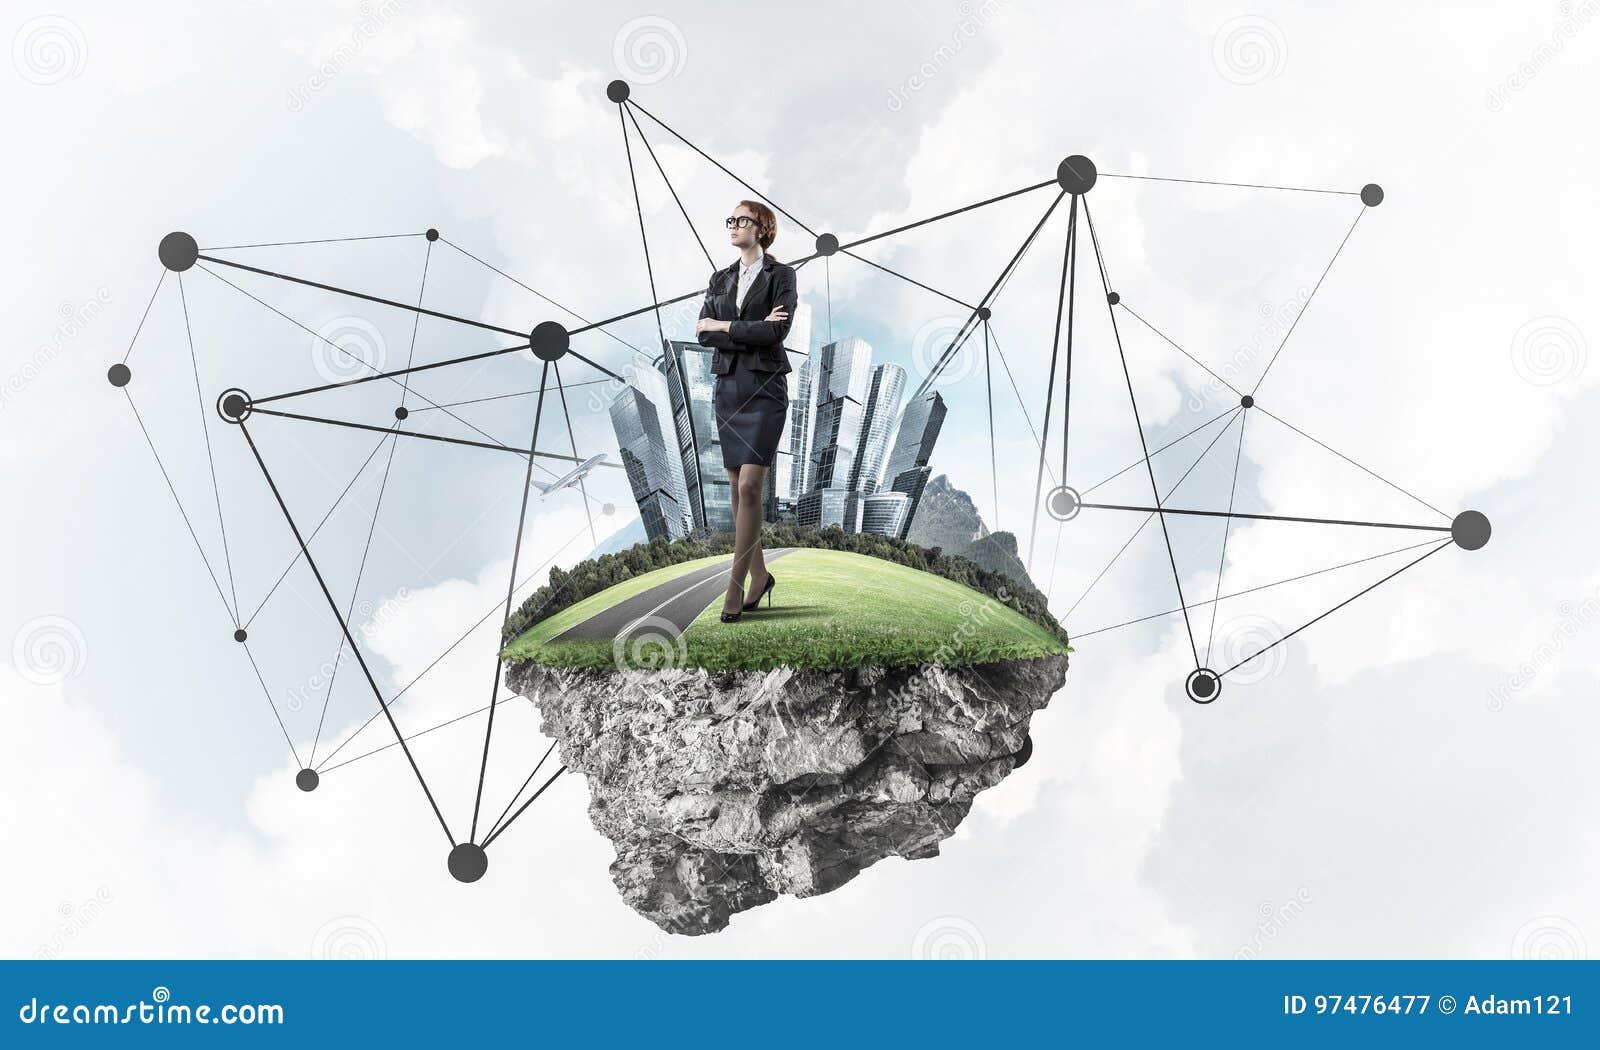 Concetto delle tecnologie wireless moderne come efficace strumento per i Bu